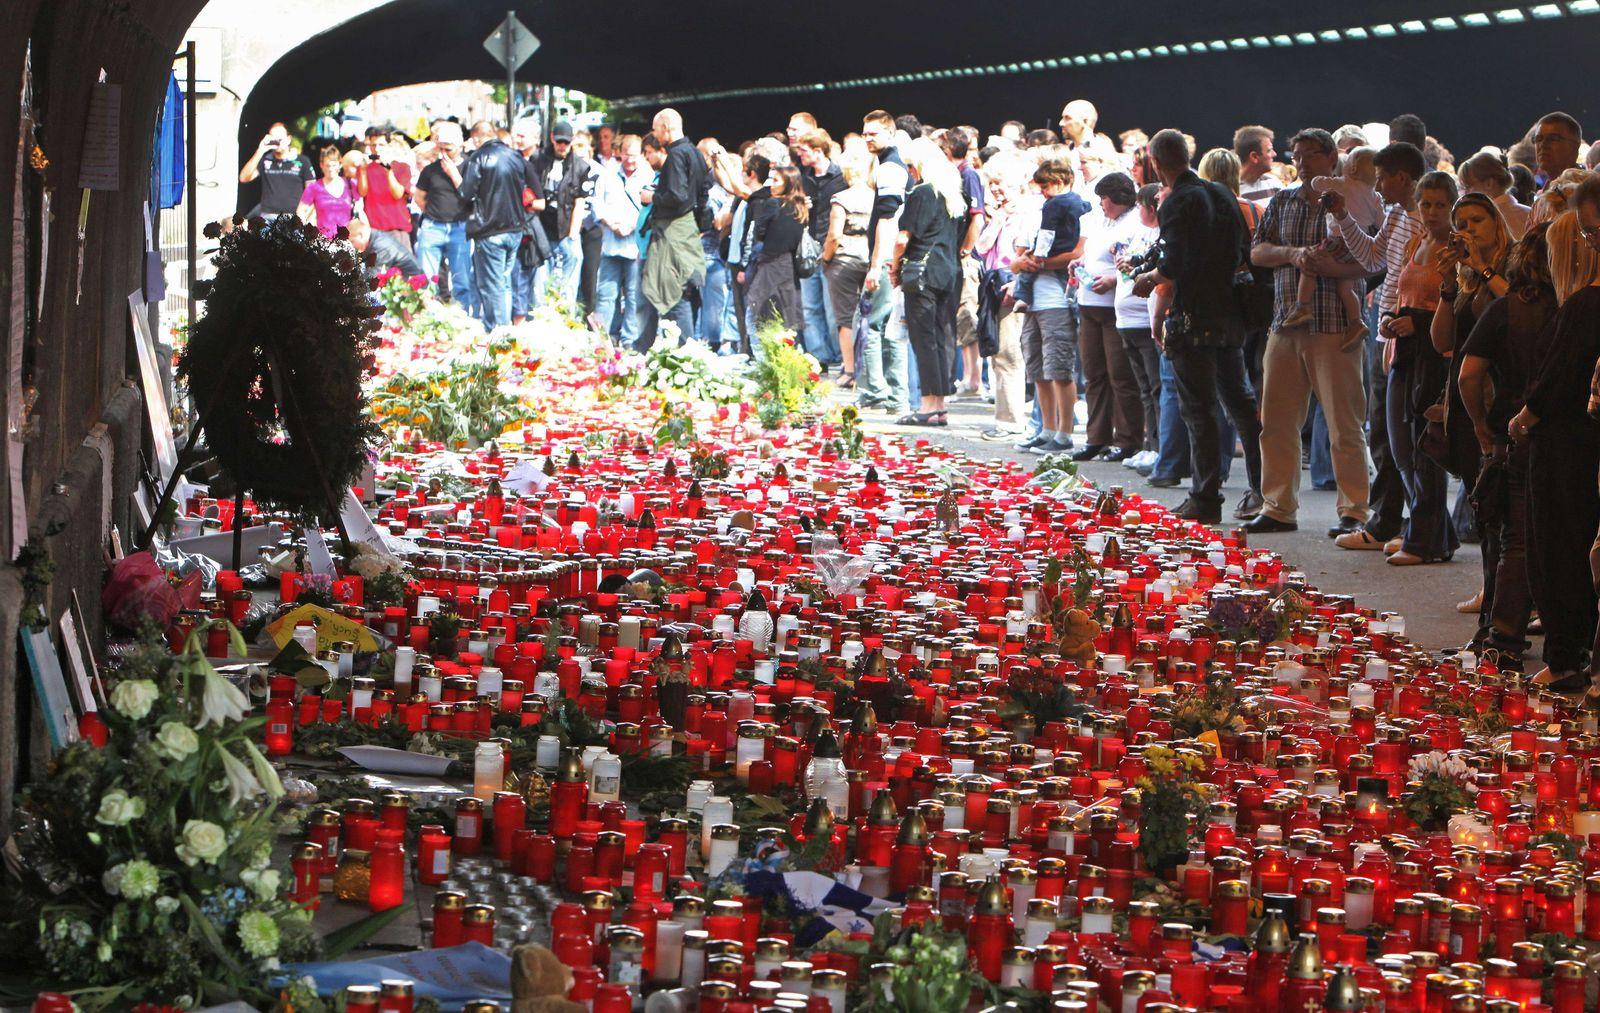 Duisburg / Love Parade-Katastrophe / Trauermarsch